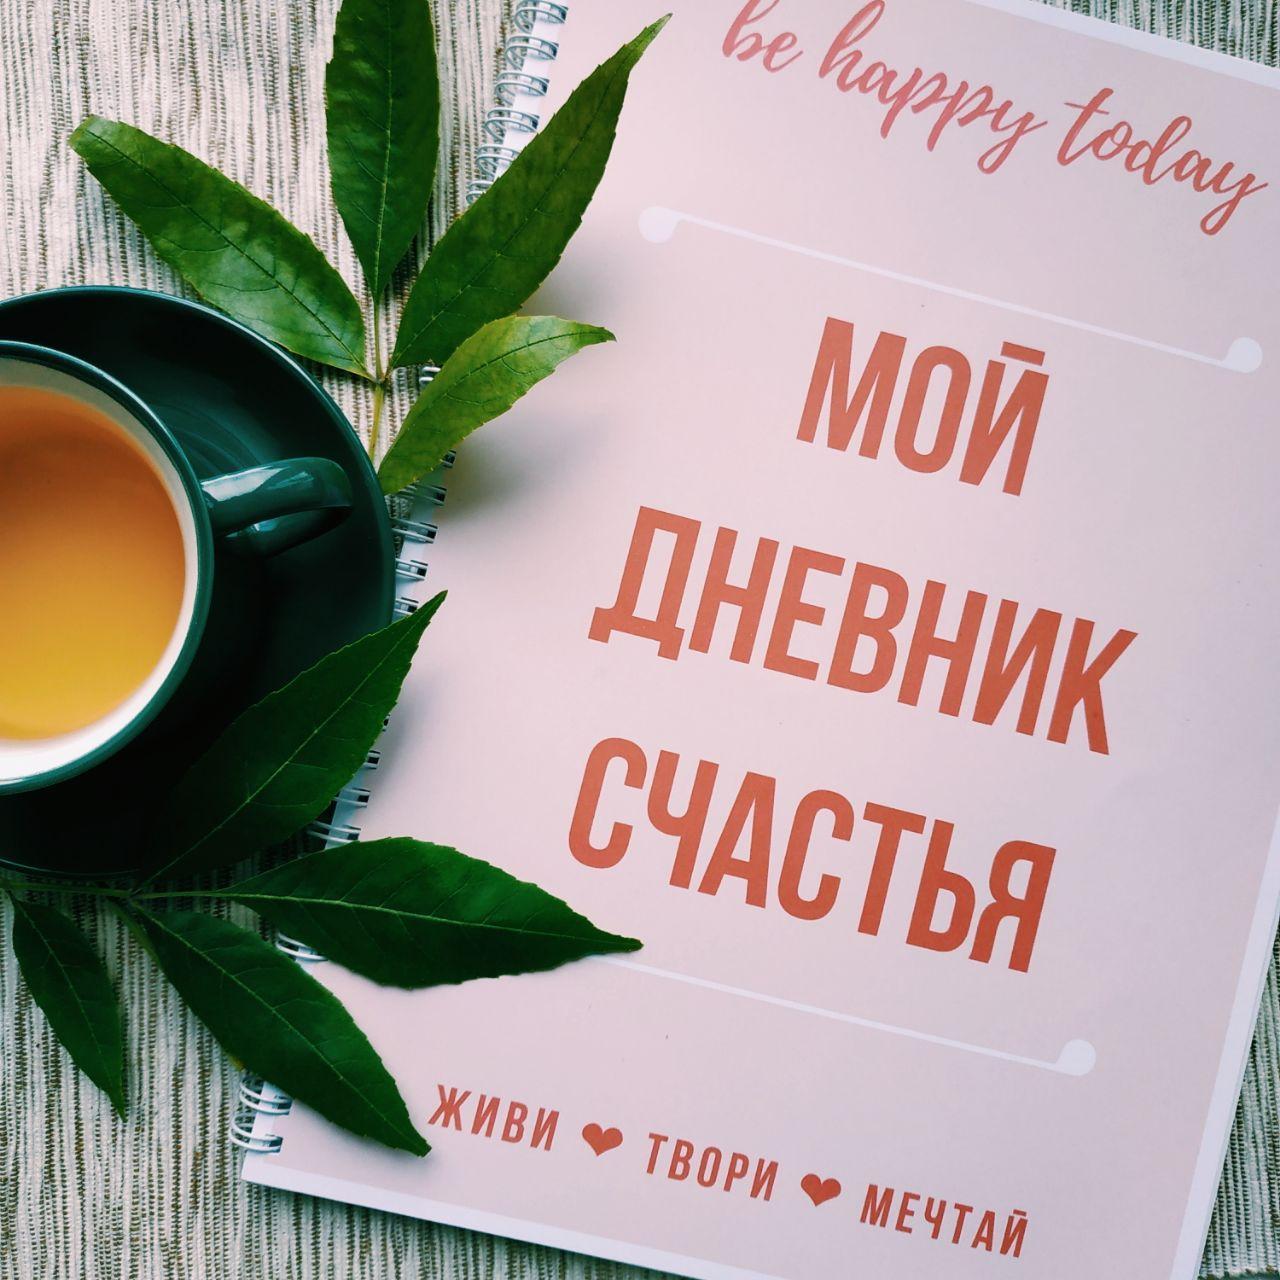 Дневник счастья